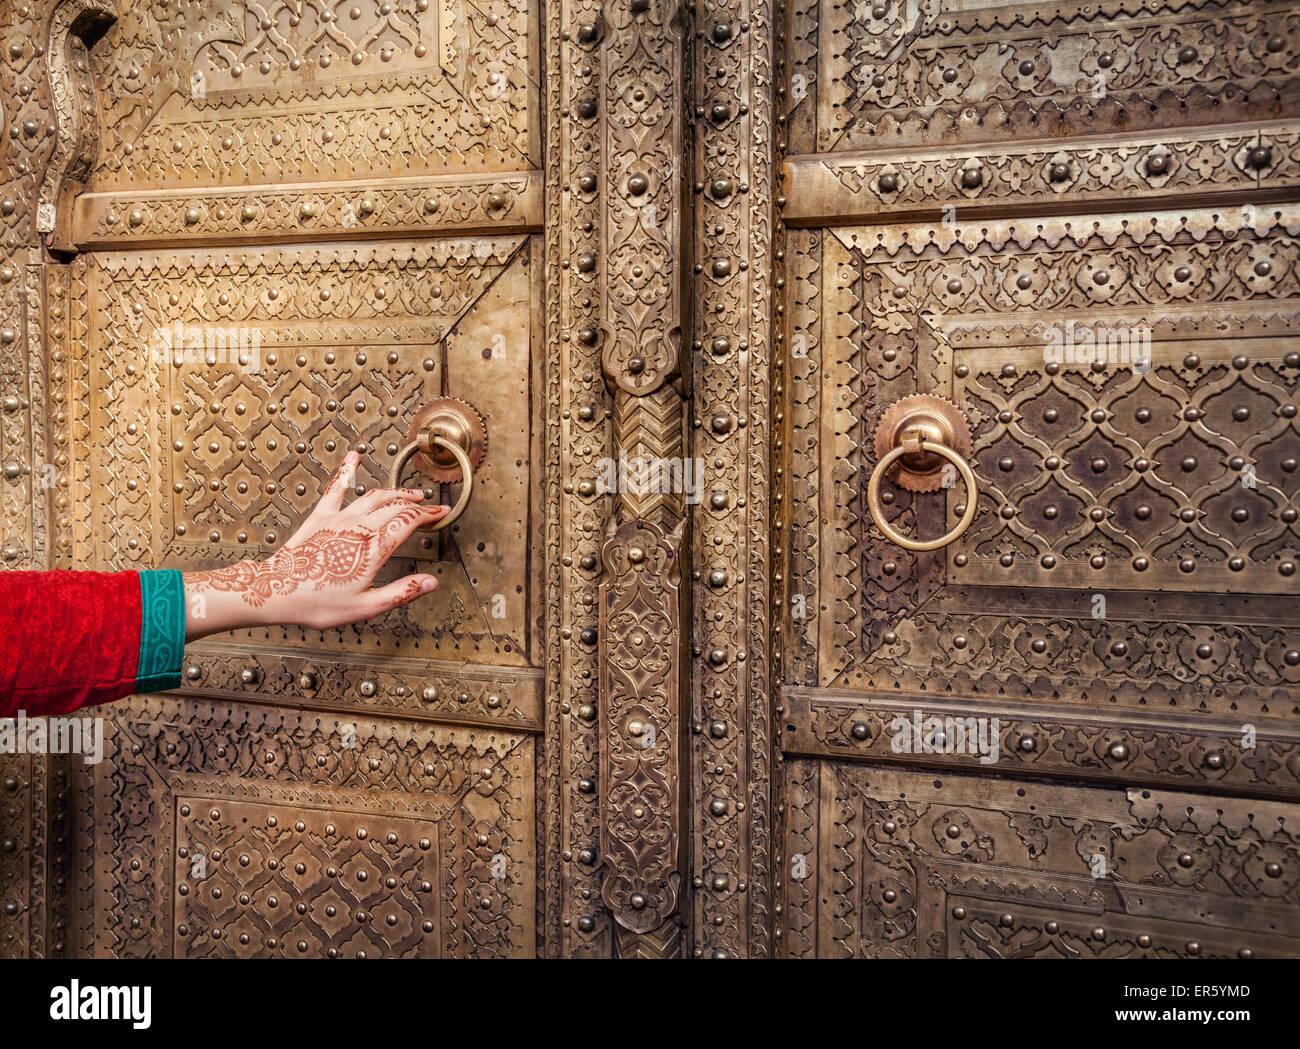 Femme part avec peinture au henné ouverture porte d'or de palais de la ville de Jaipur, Rajasthan, Inde Photo Stock